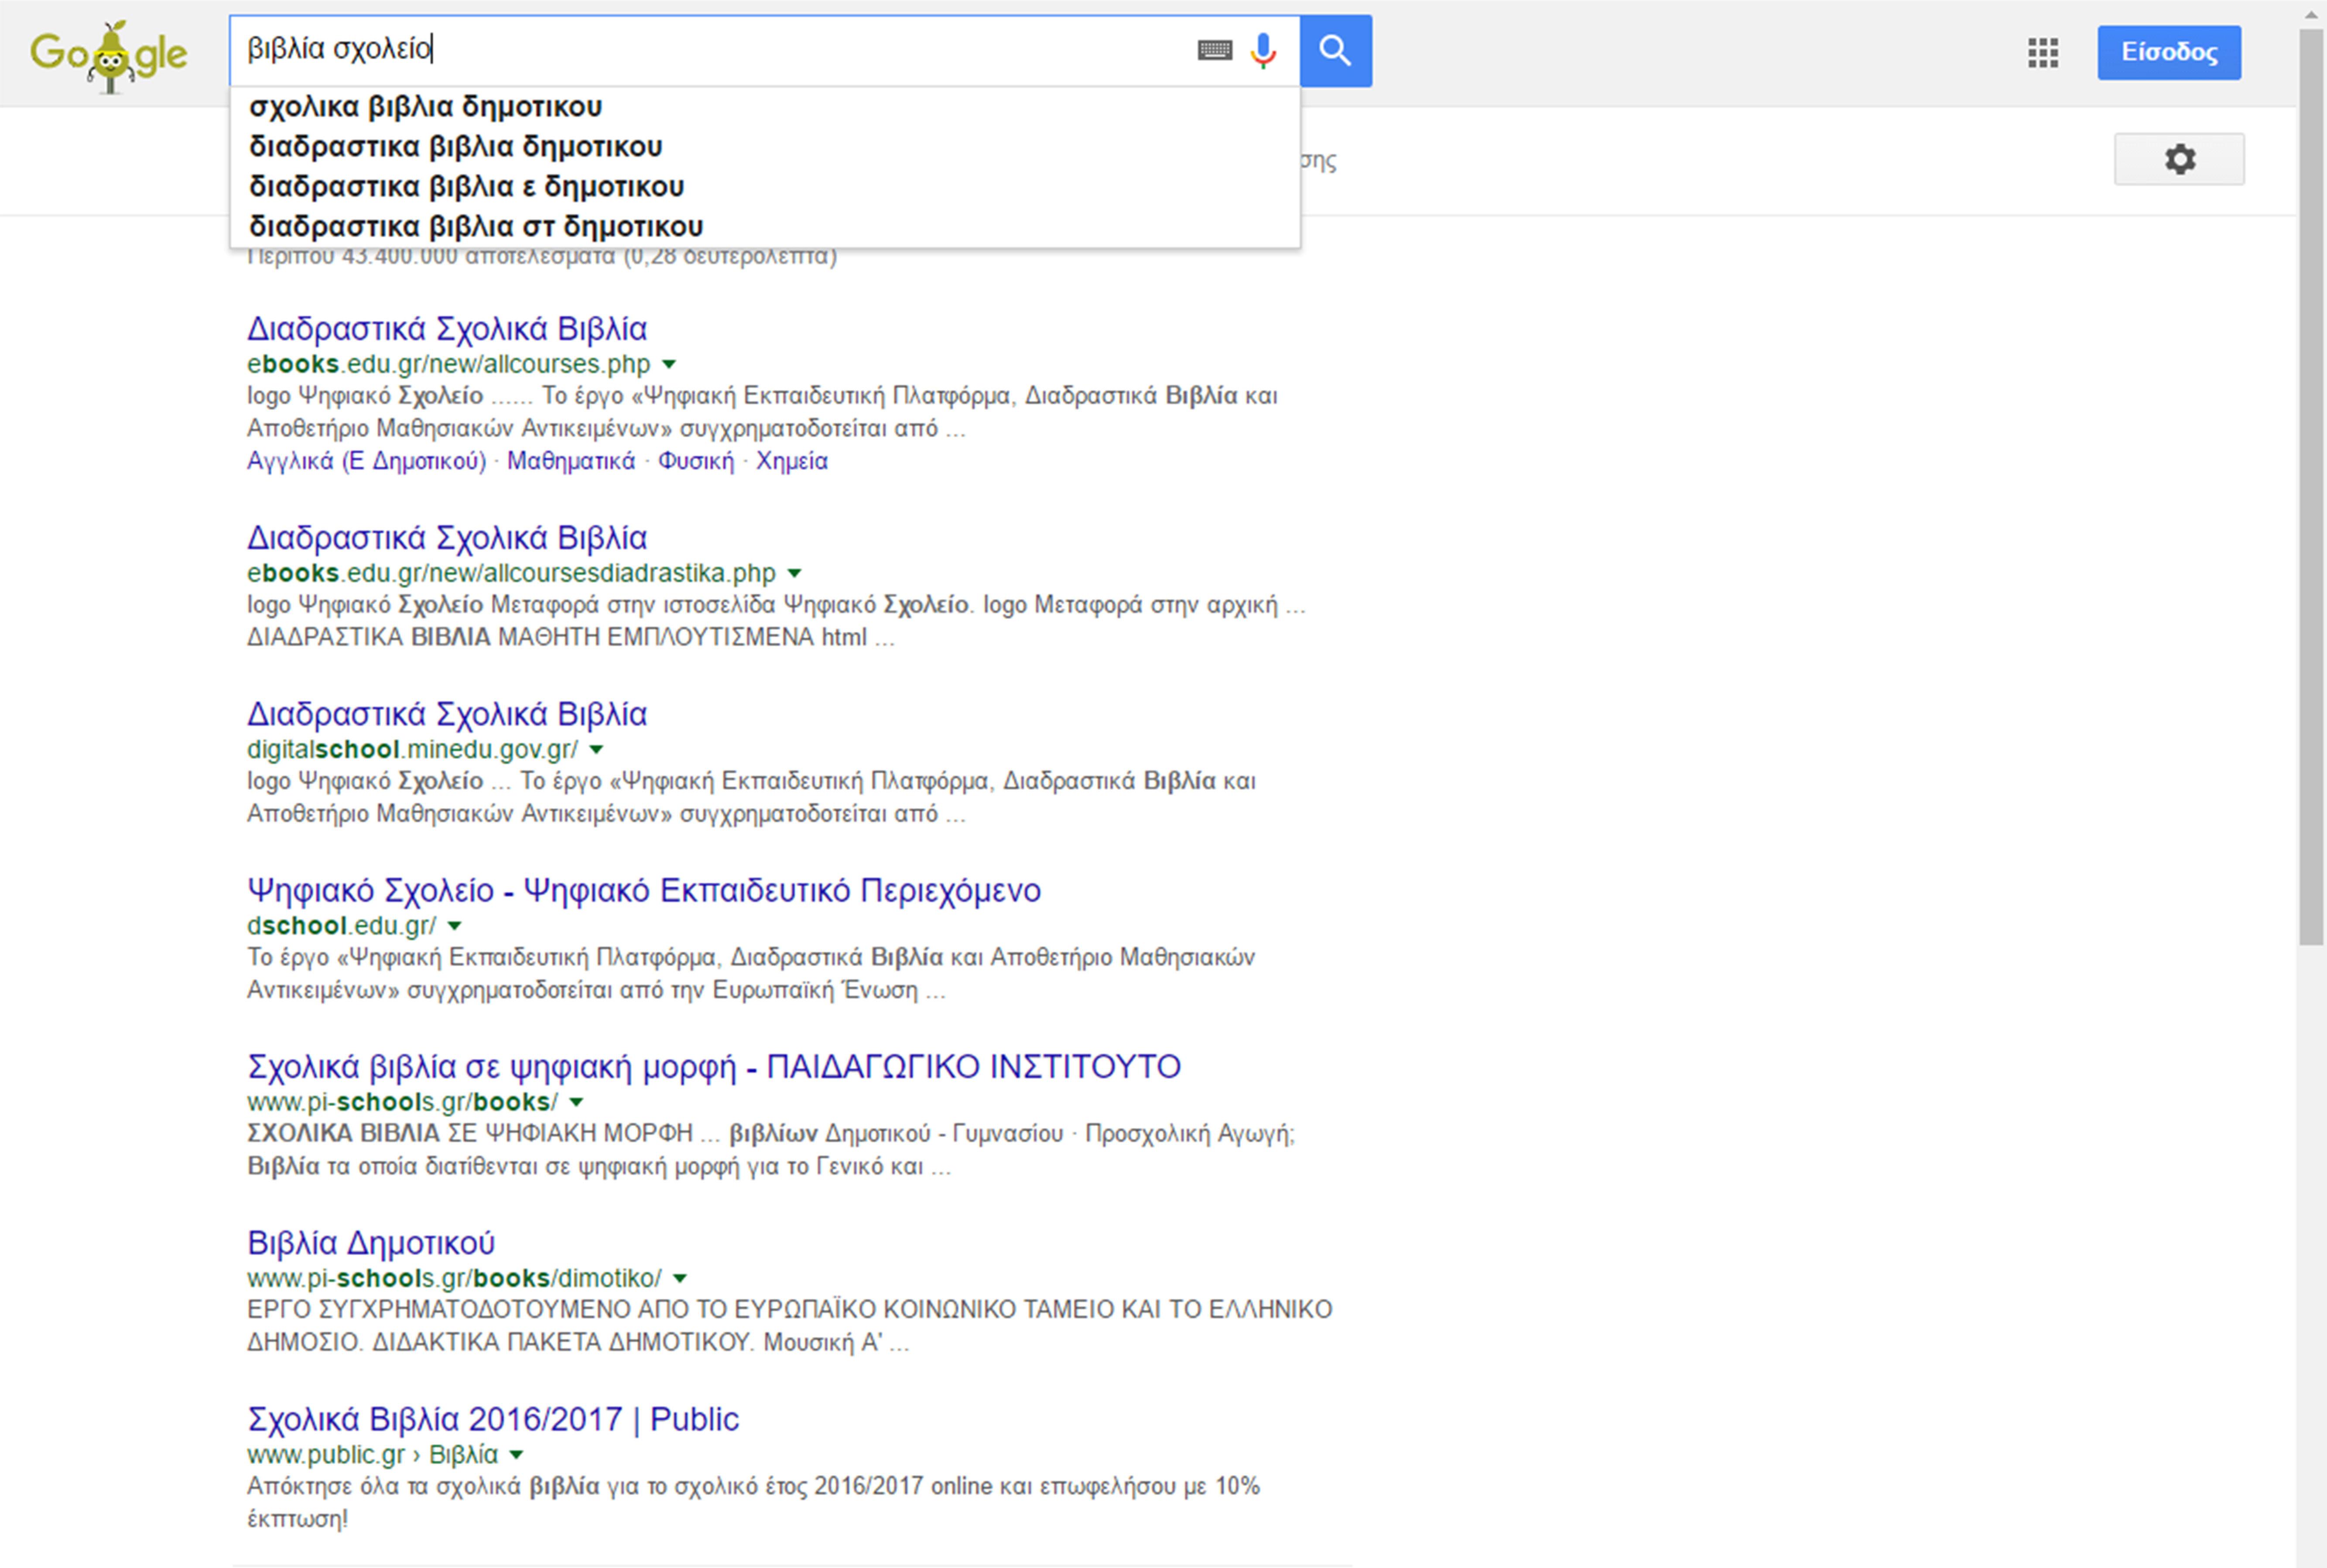 Αποτελέσματα αναζήτησης στο google για τη φράση «βιβλία σχολείο»